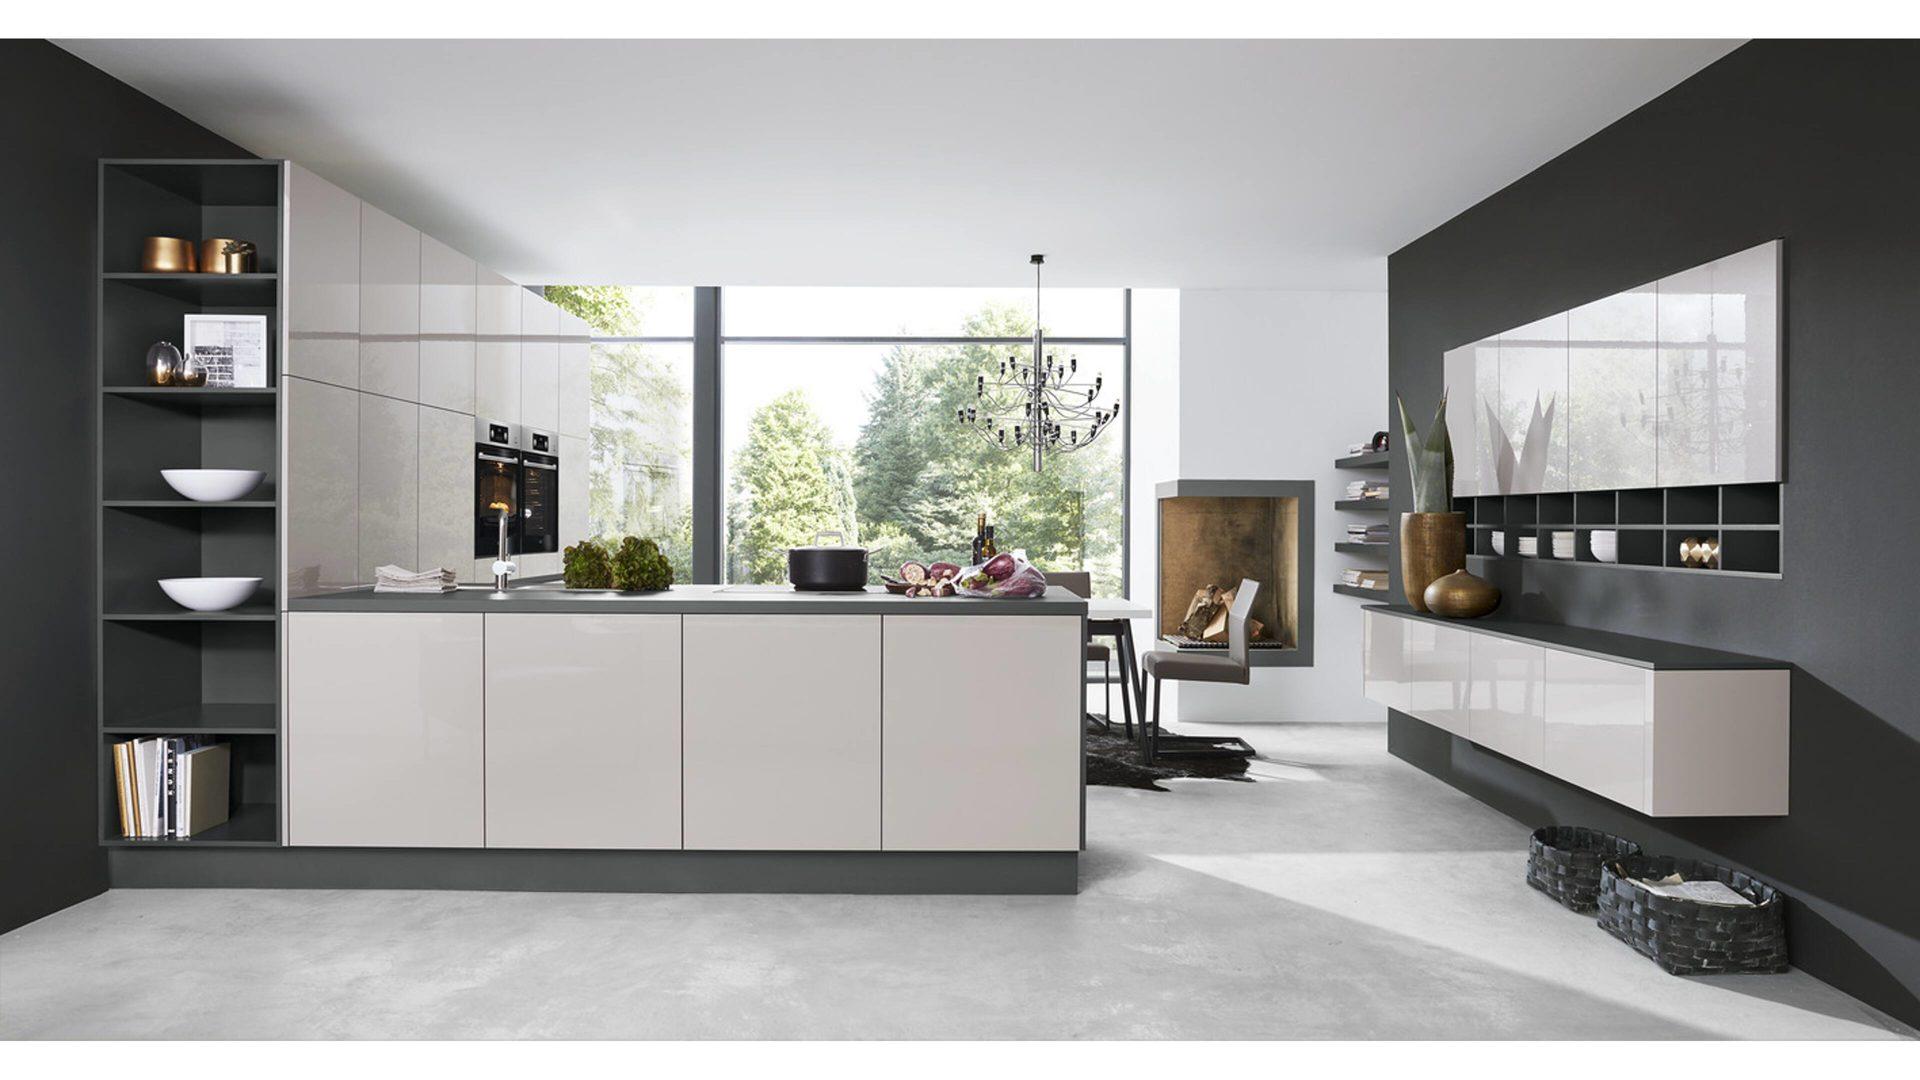 Charmant Küche Lieferanten Newton Aycliffe Galerie - Ideen Für Die ...